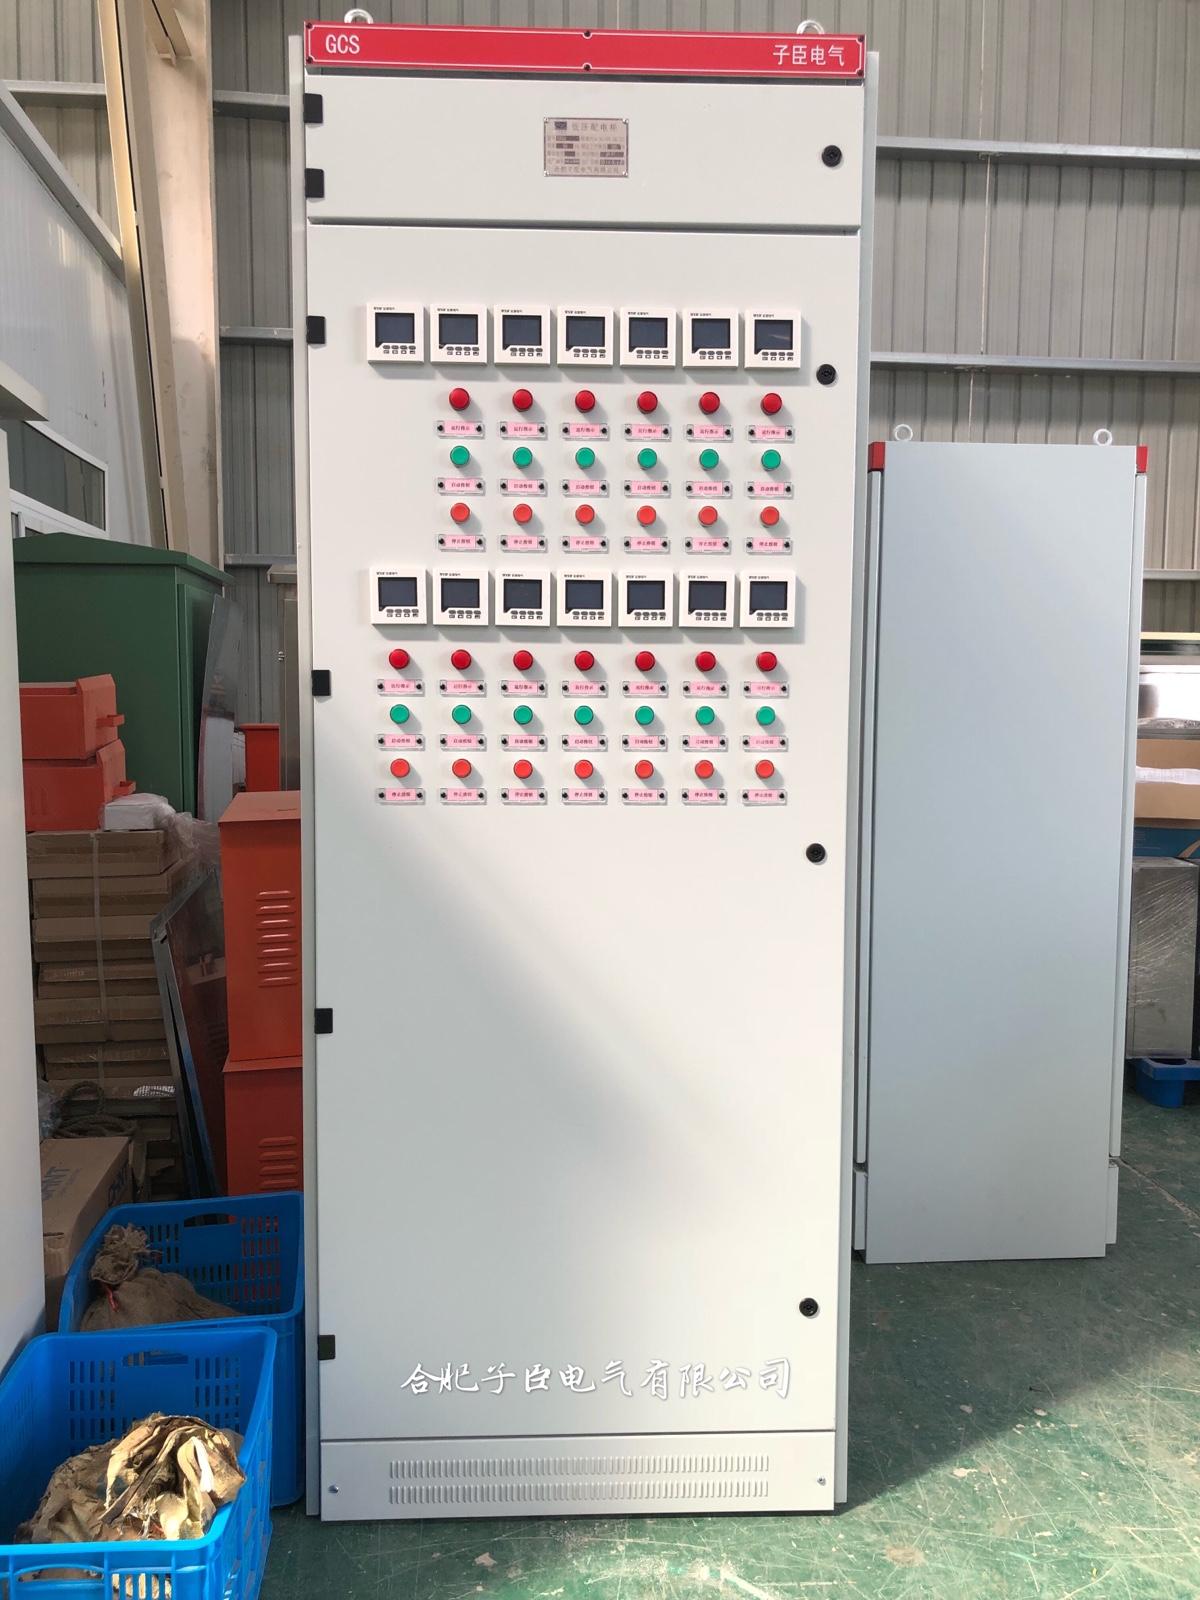 定做组装XL-21动力柜GGD低压配电柜开关柜配电箱控制柜电器成套柜